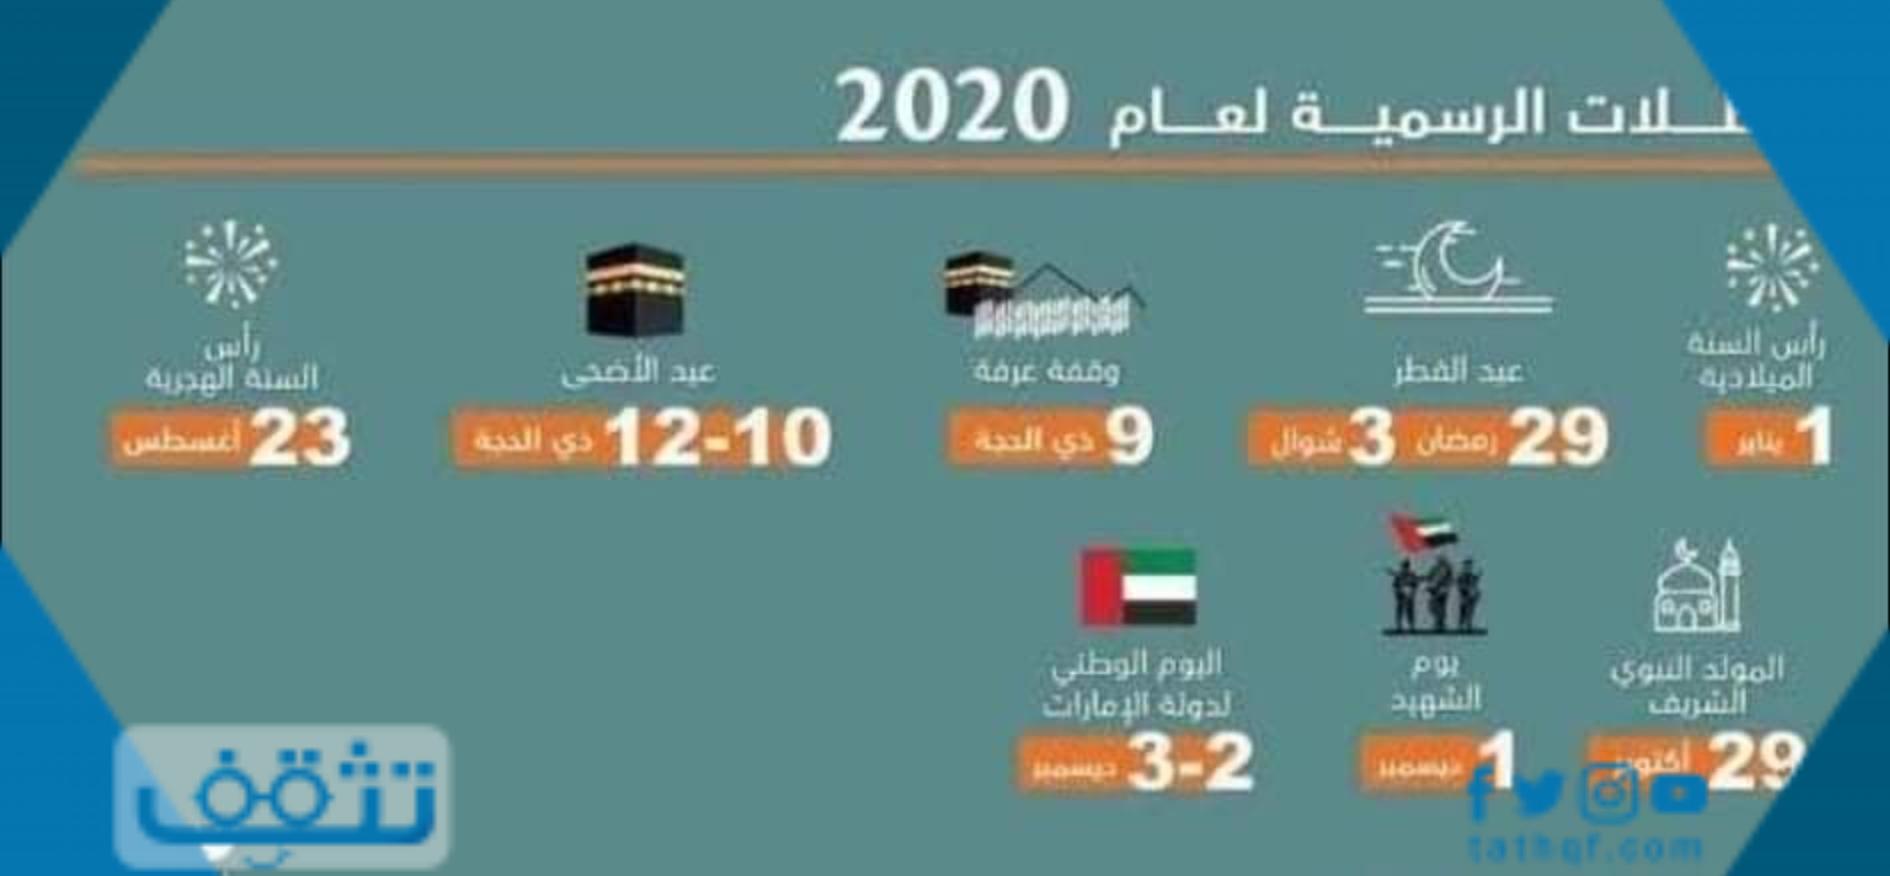 اجازات الإمارات الرسمية 2021 اعرف العطلات الرسمية بالإمارات موقع تثقف